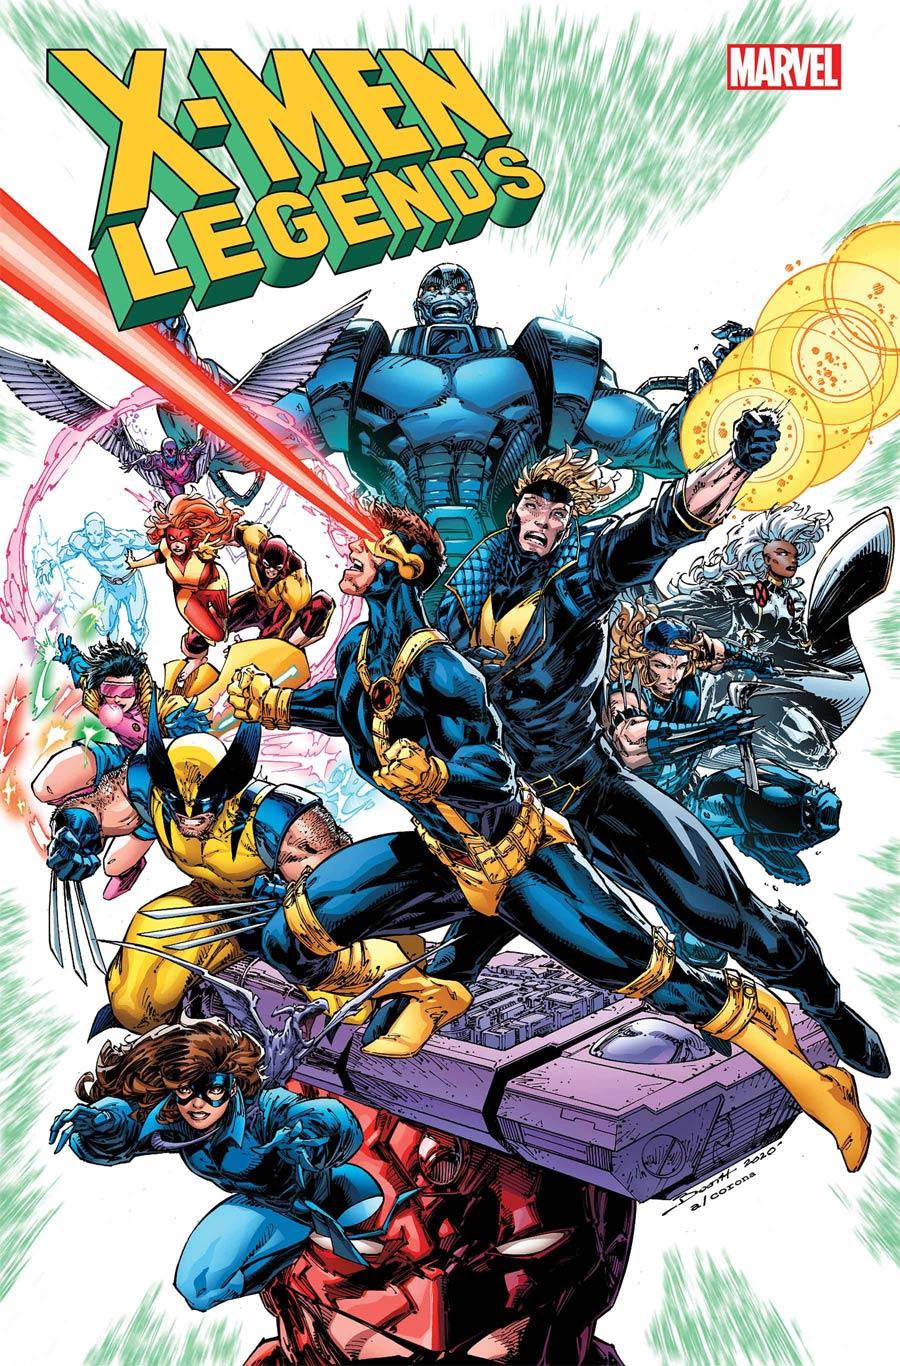 X-Men Legends #1 Cover A Regular Brett Booth Cover